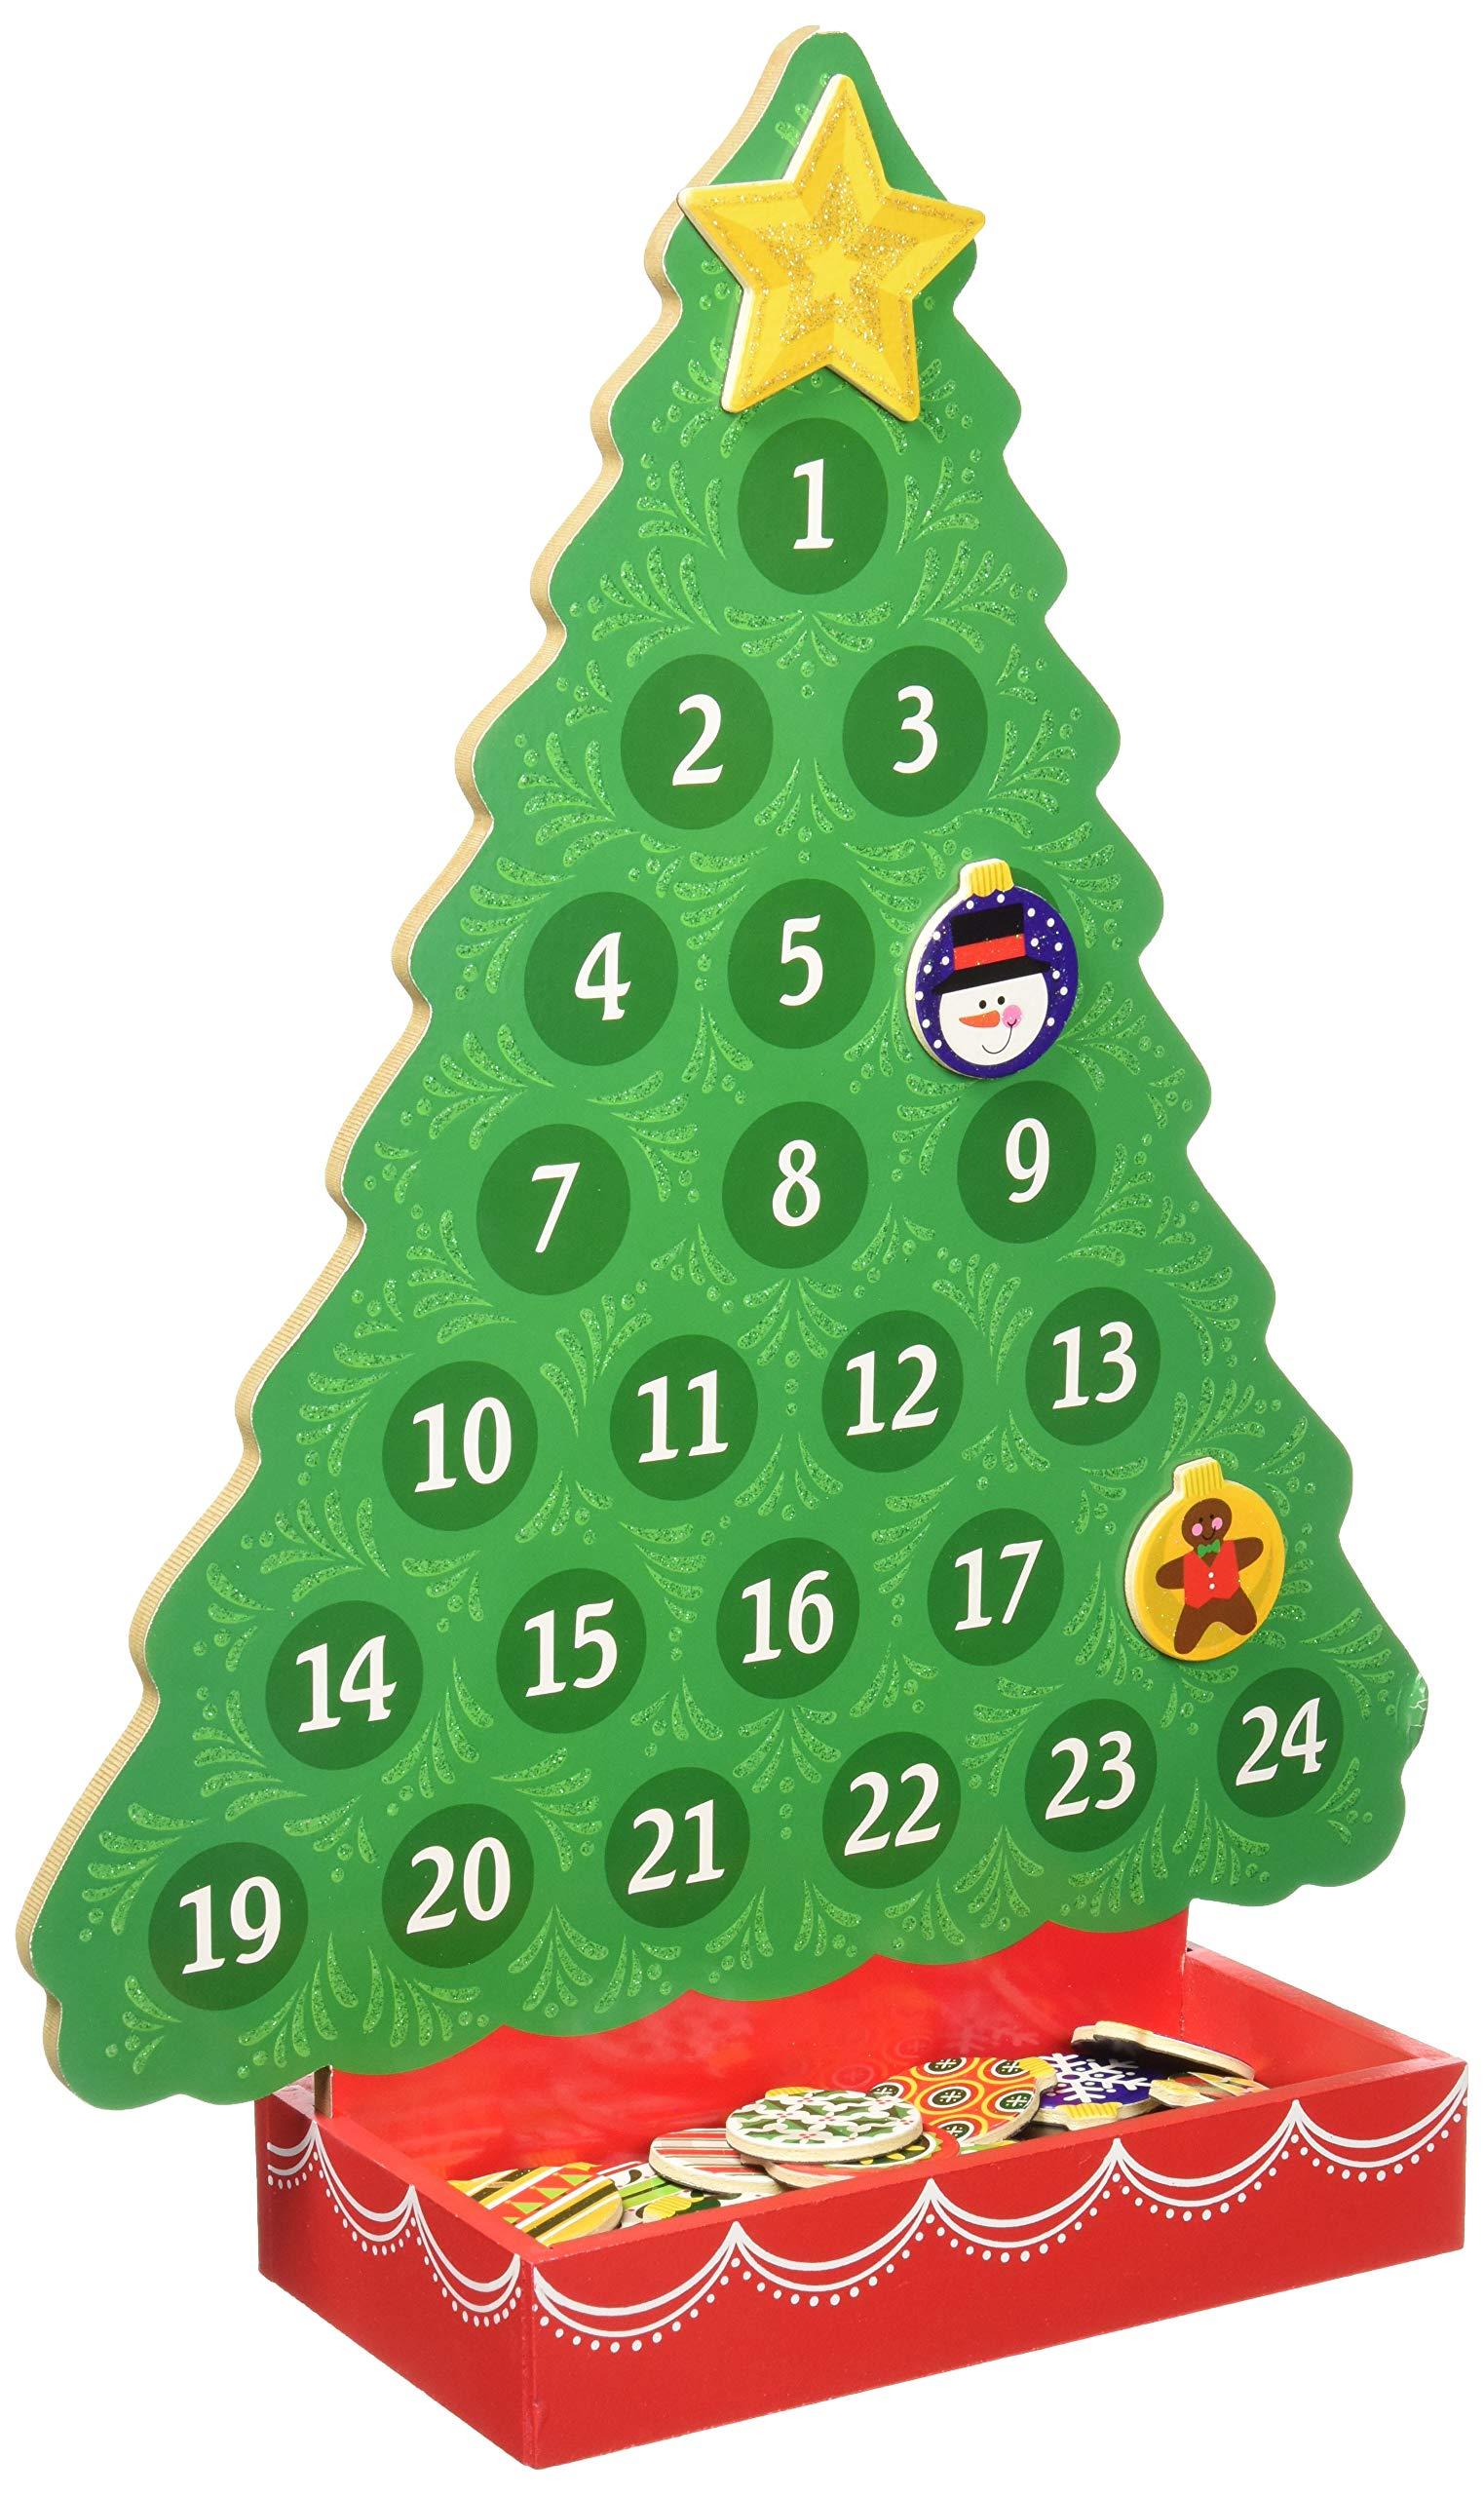 Natale Calendario.Melissa Doug 13571 In Attesa Del Natale Calendario Dell Avvento Di Legno Giochi Legno